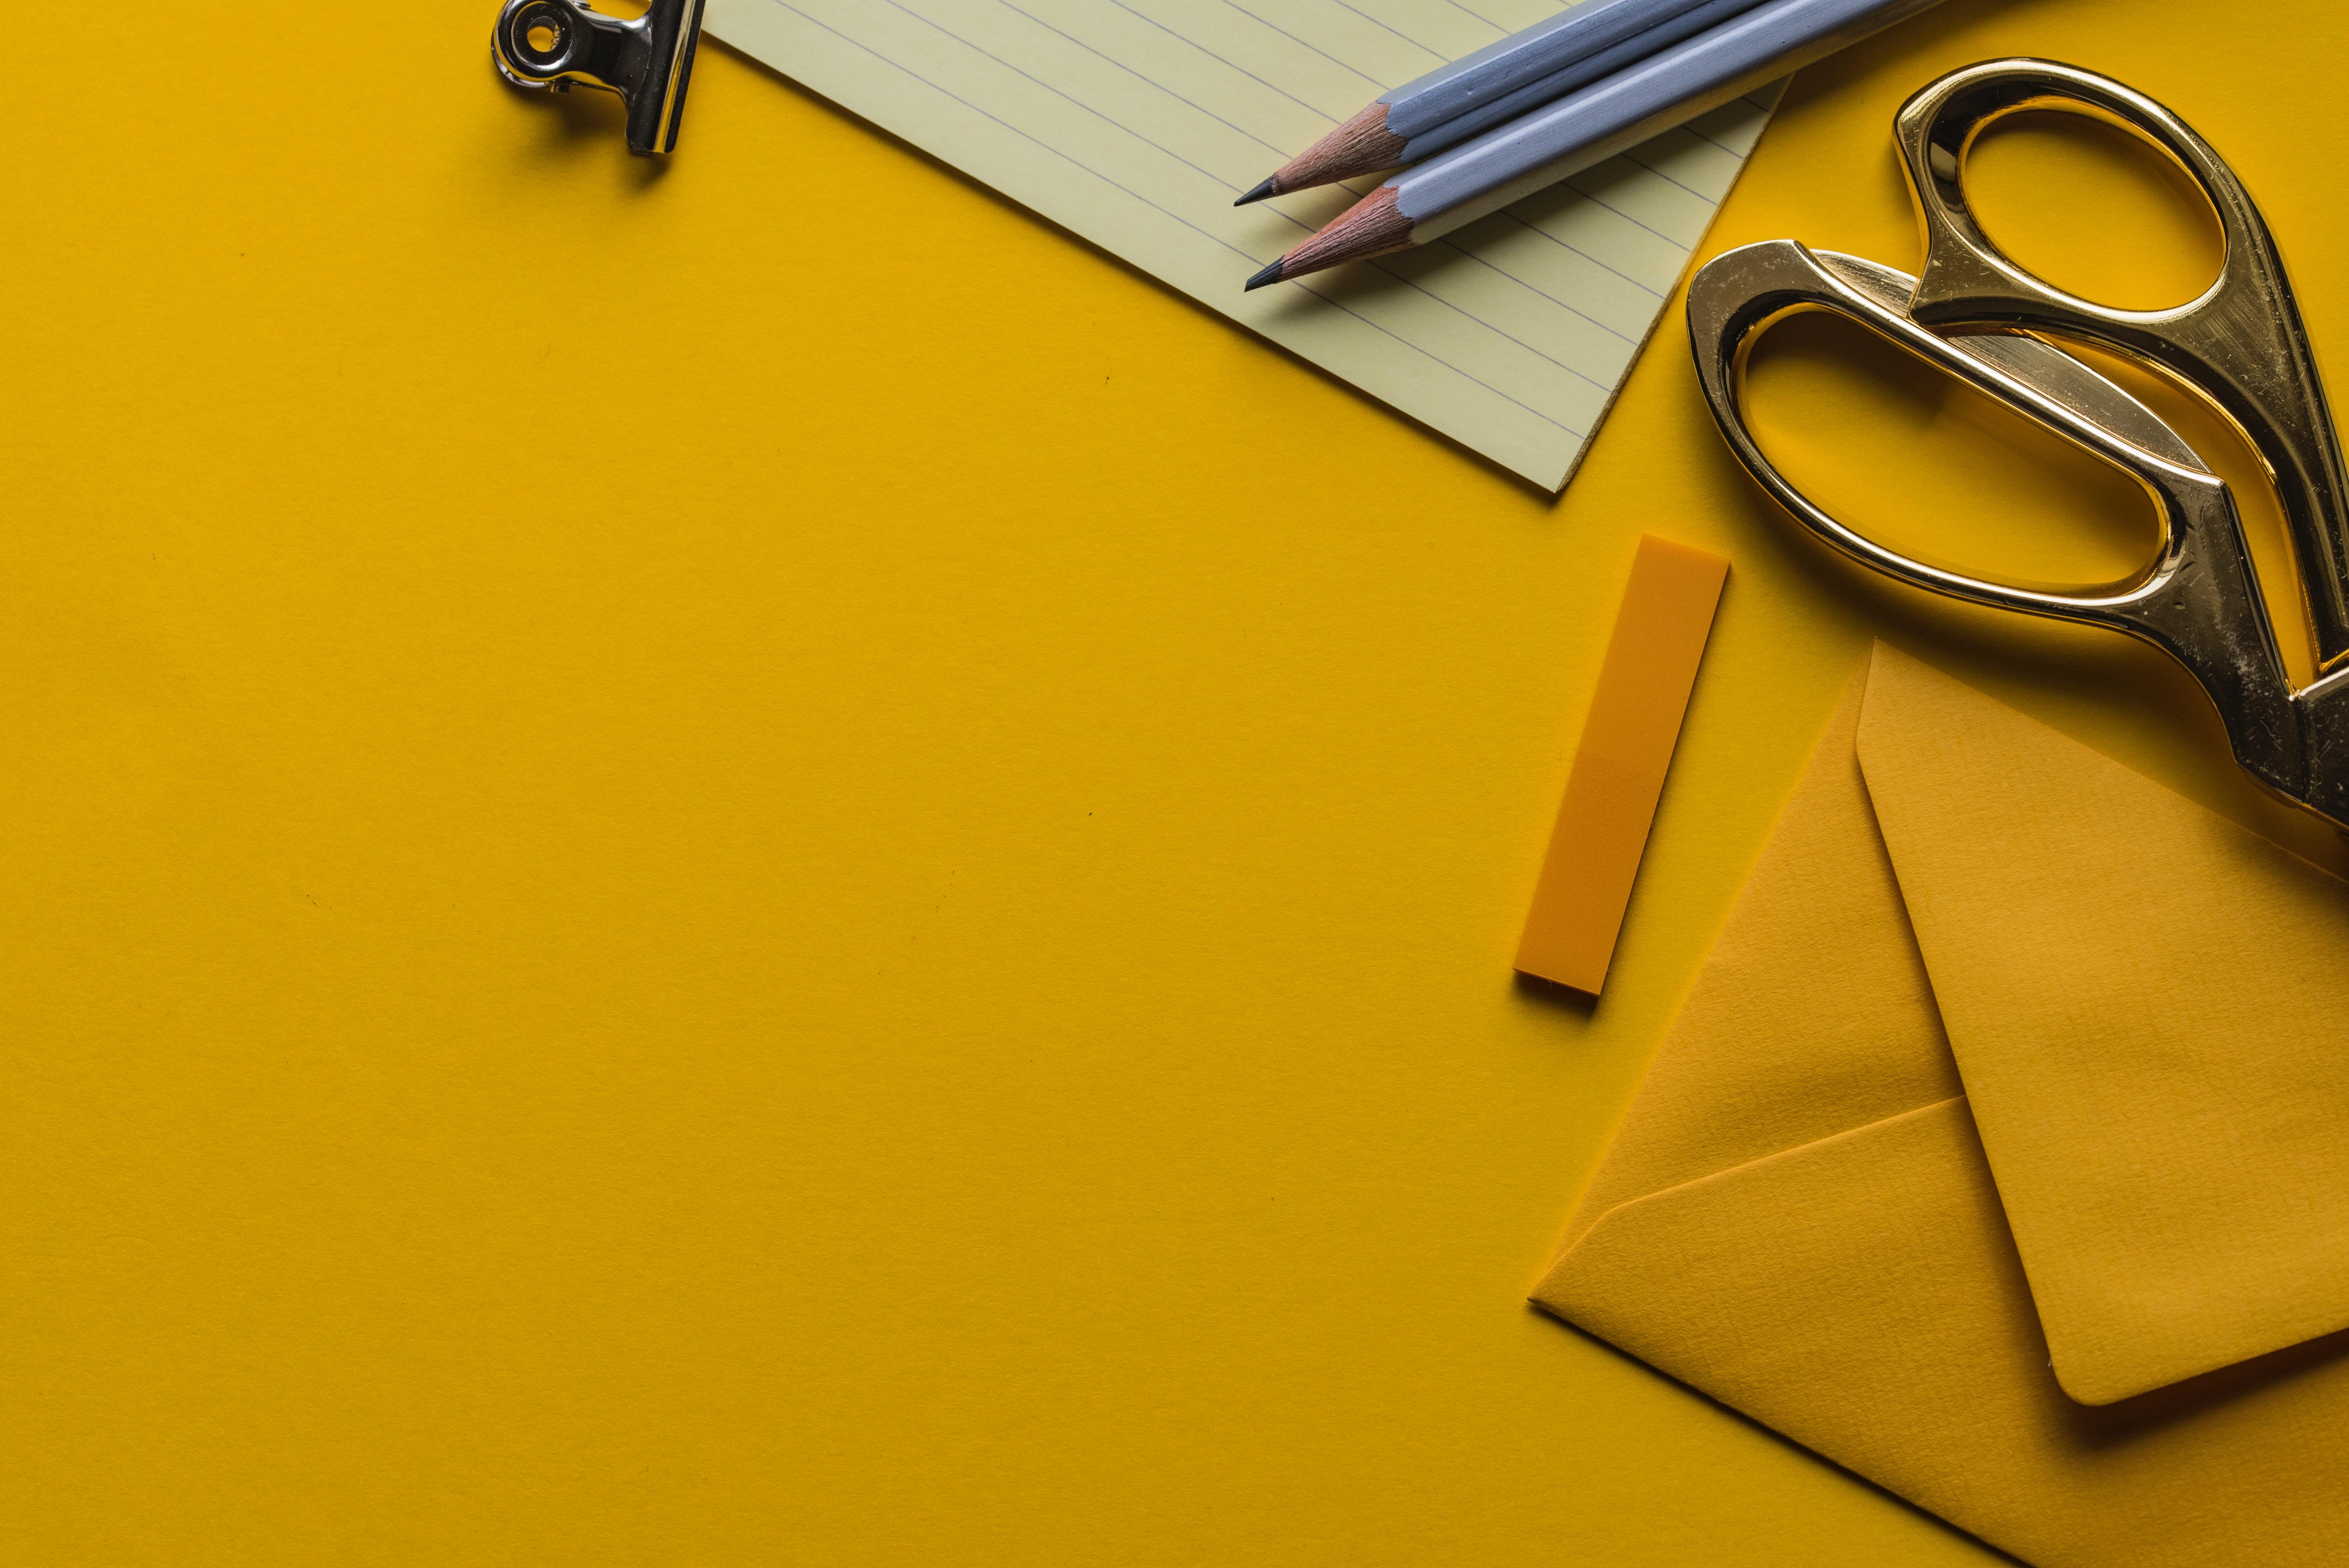 Bilde av en kontorpult med dokument og saks på